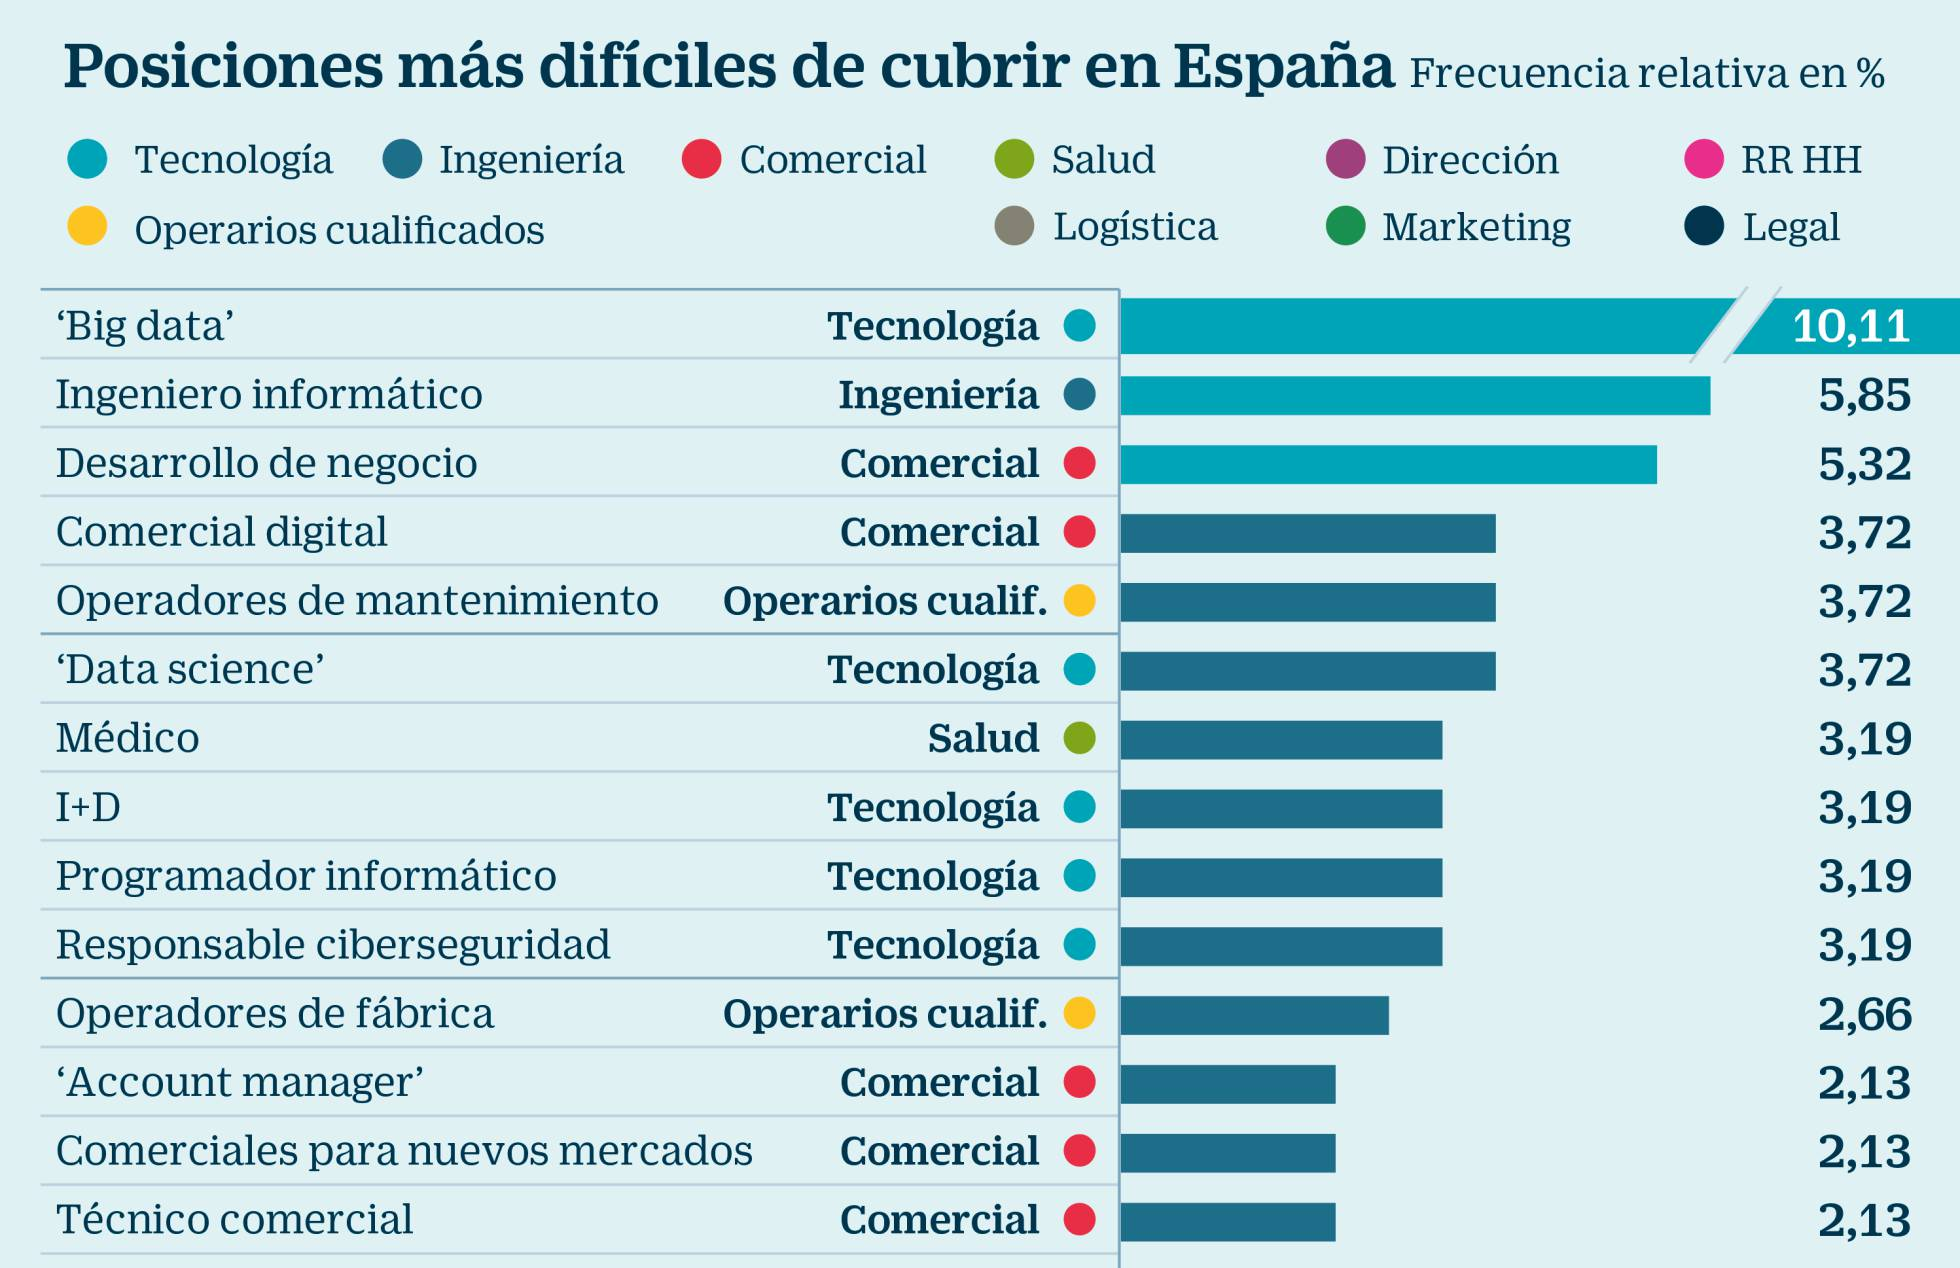 Posiciones más difíciles de cubrir en España (Fuente: Cinco Días)